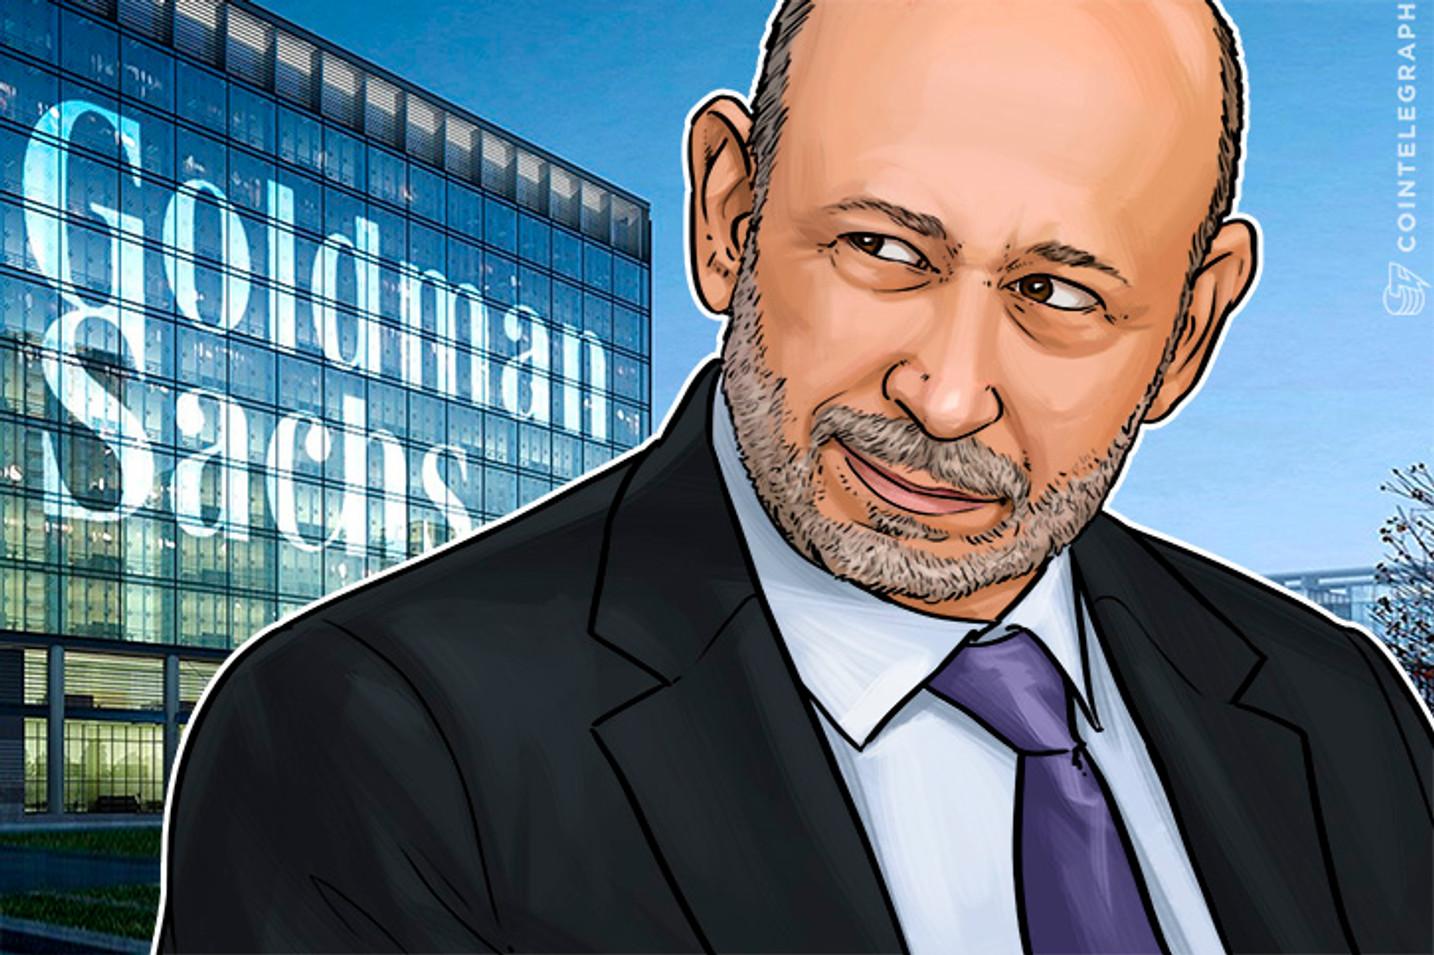 """""""غولدمان ساكس"""" لن يبدأ مكتبًا لتداول العملات الرقمية، لكنه استثمر في واحد"""